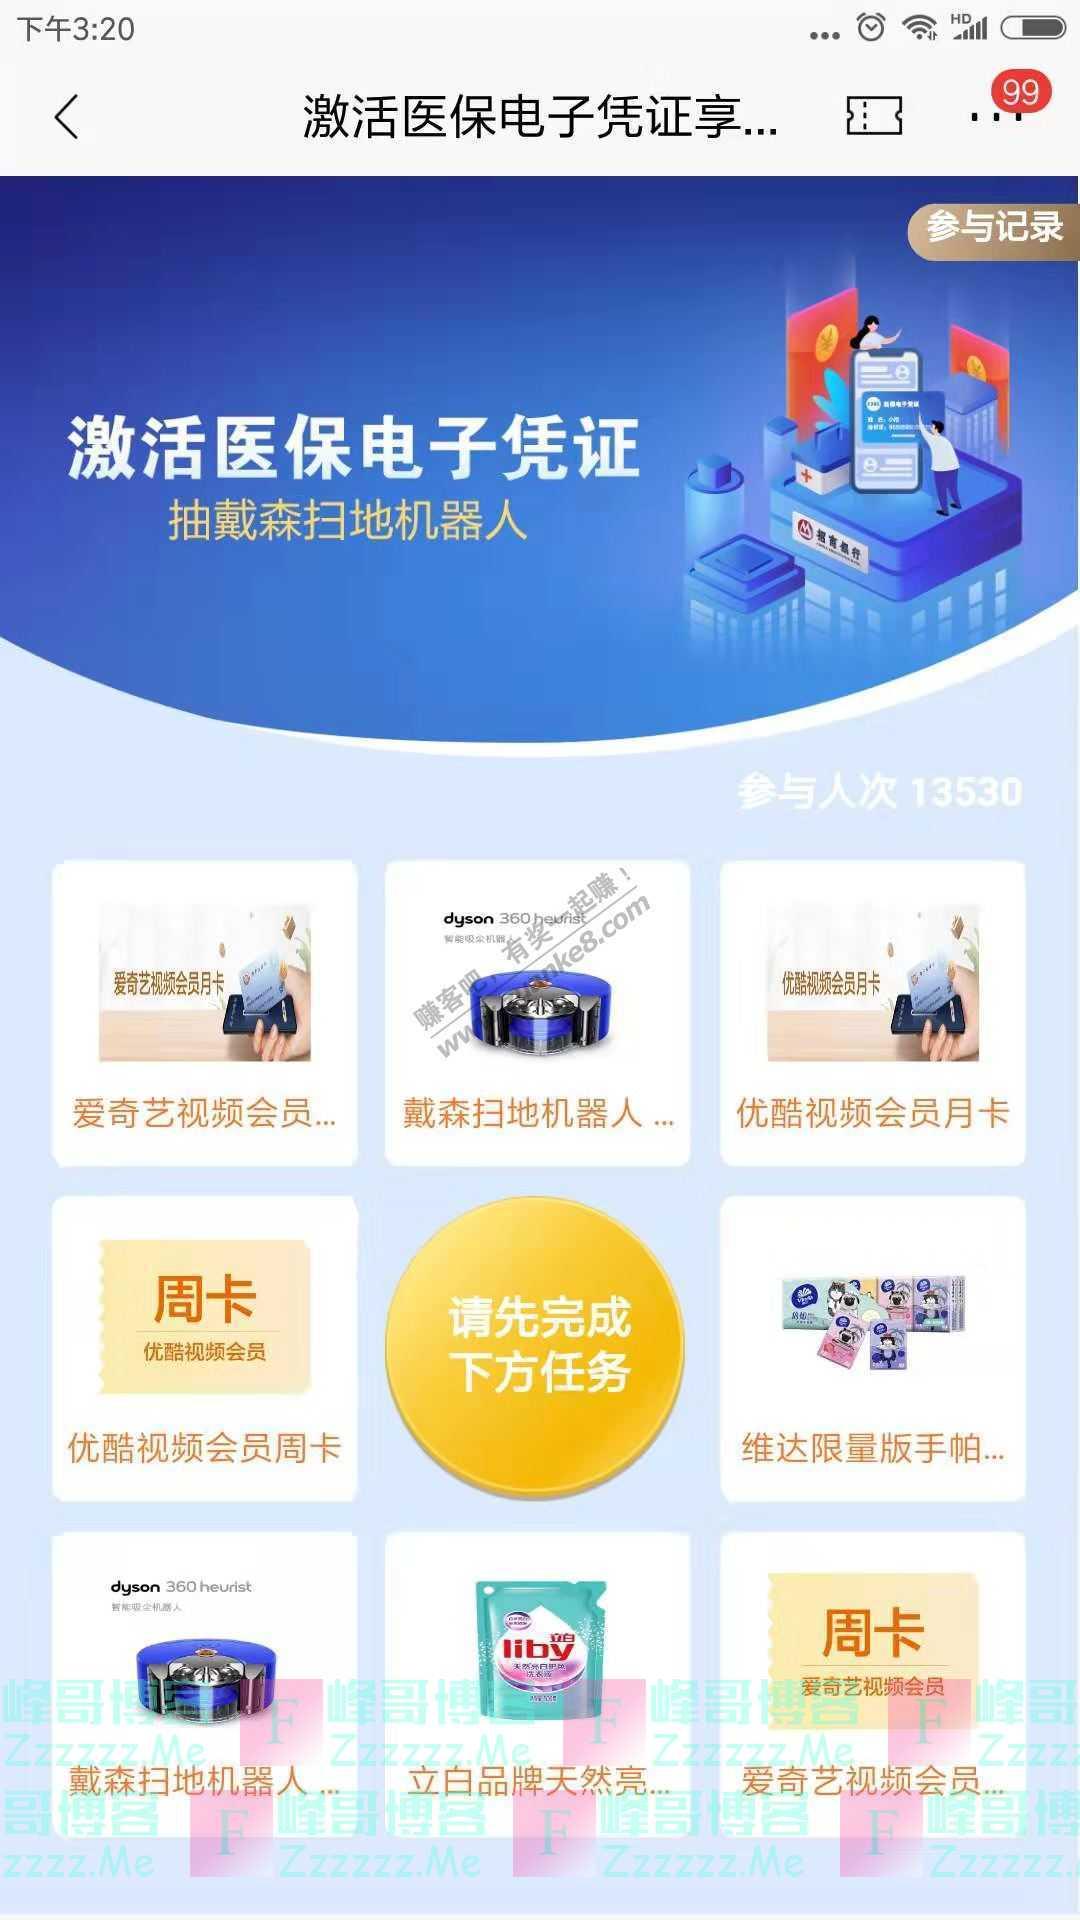 招商银行app激活医保电子凭证享好礼(截止1月31日)